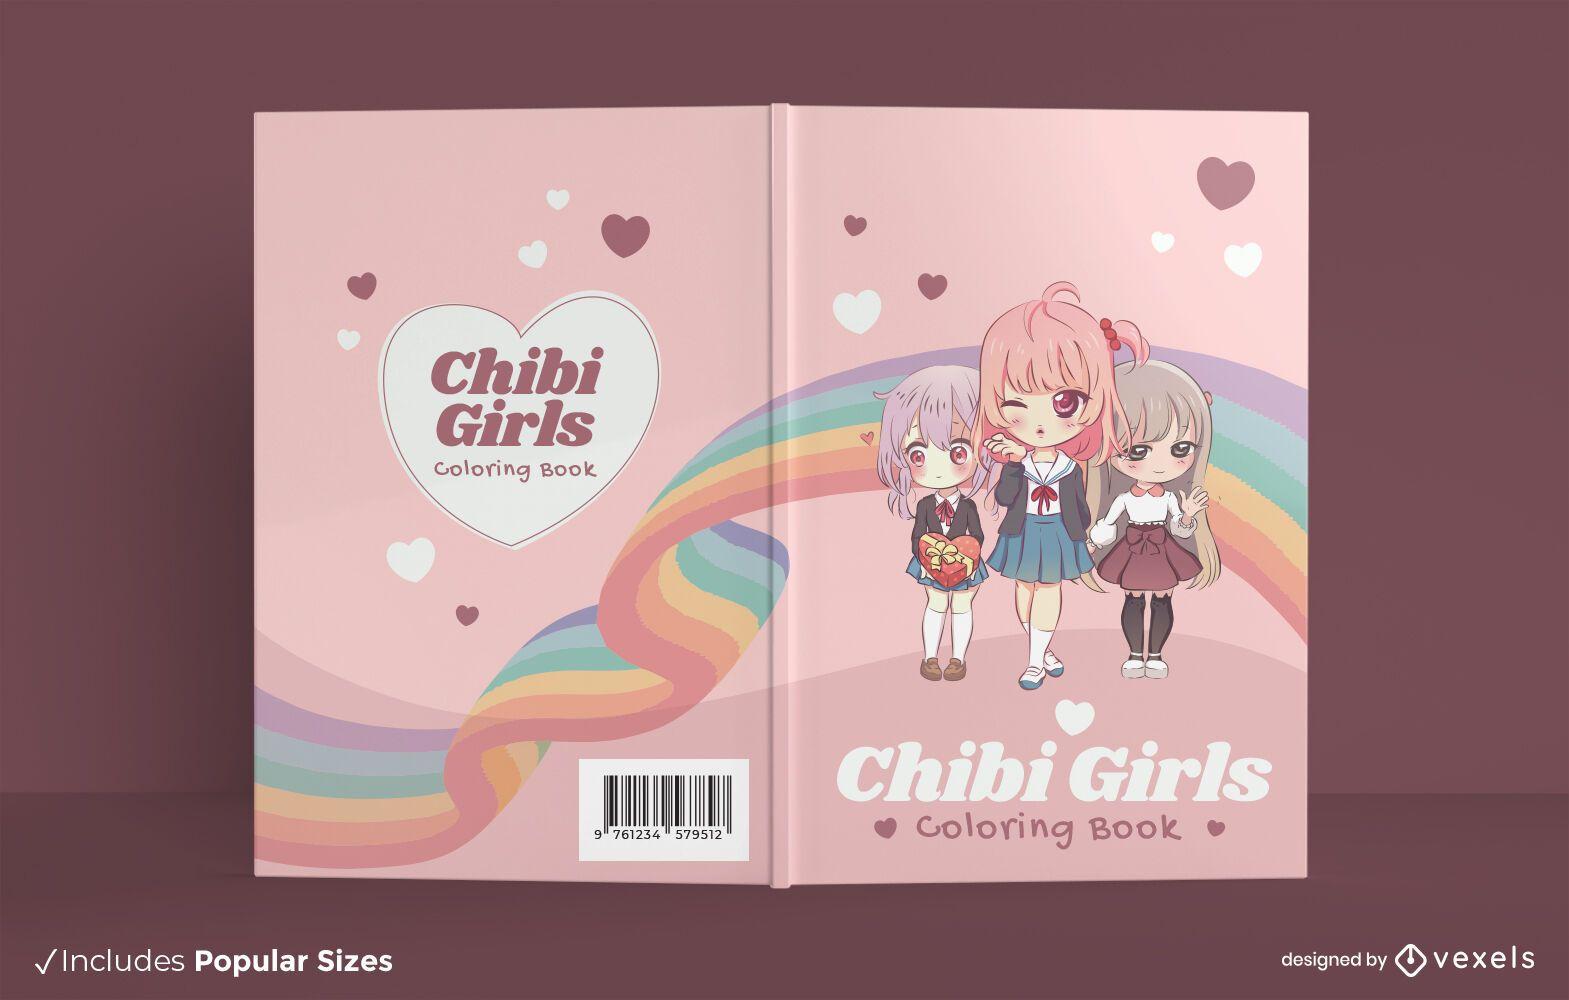 Dise?o de portada de libro para colorear de chicas anime chibi